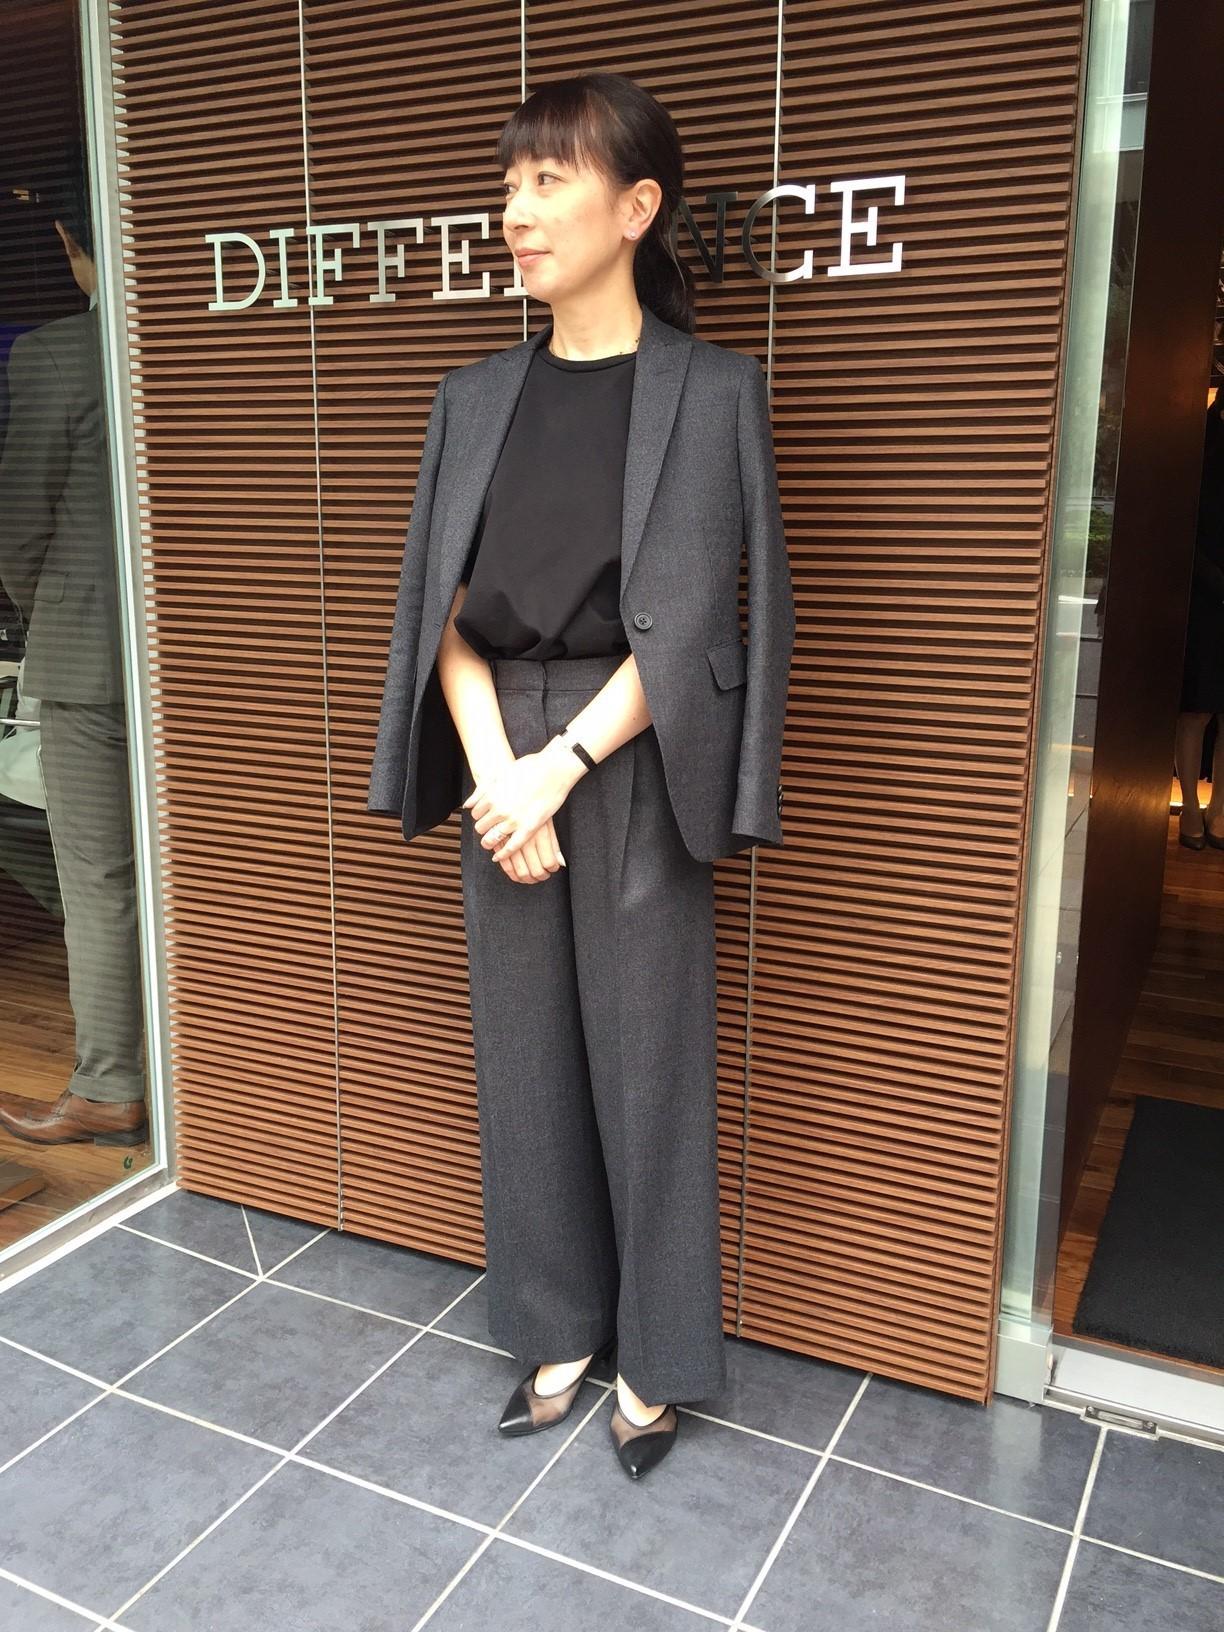 スーツを気軽にセミオーダーできる新ブランド、【DIFFERENCE】が表参道に登場!_1_4